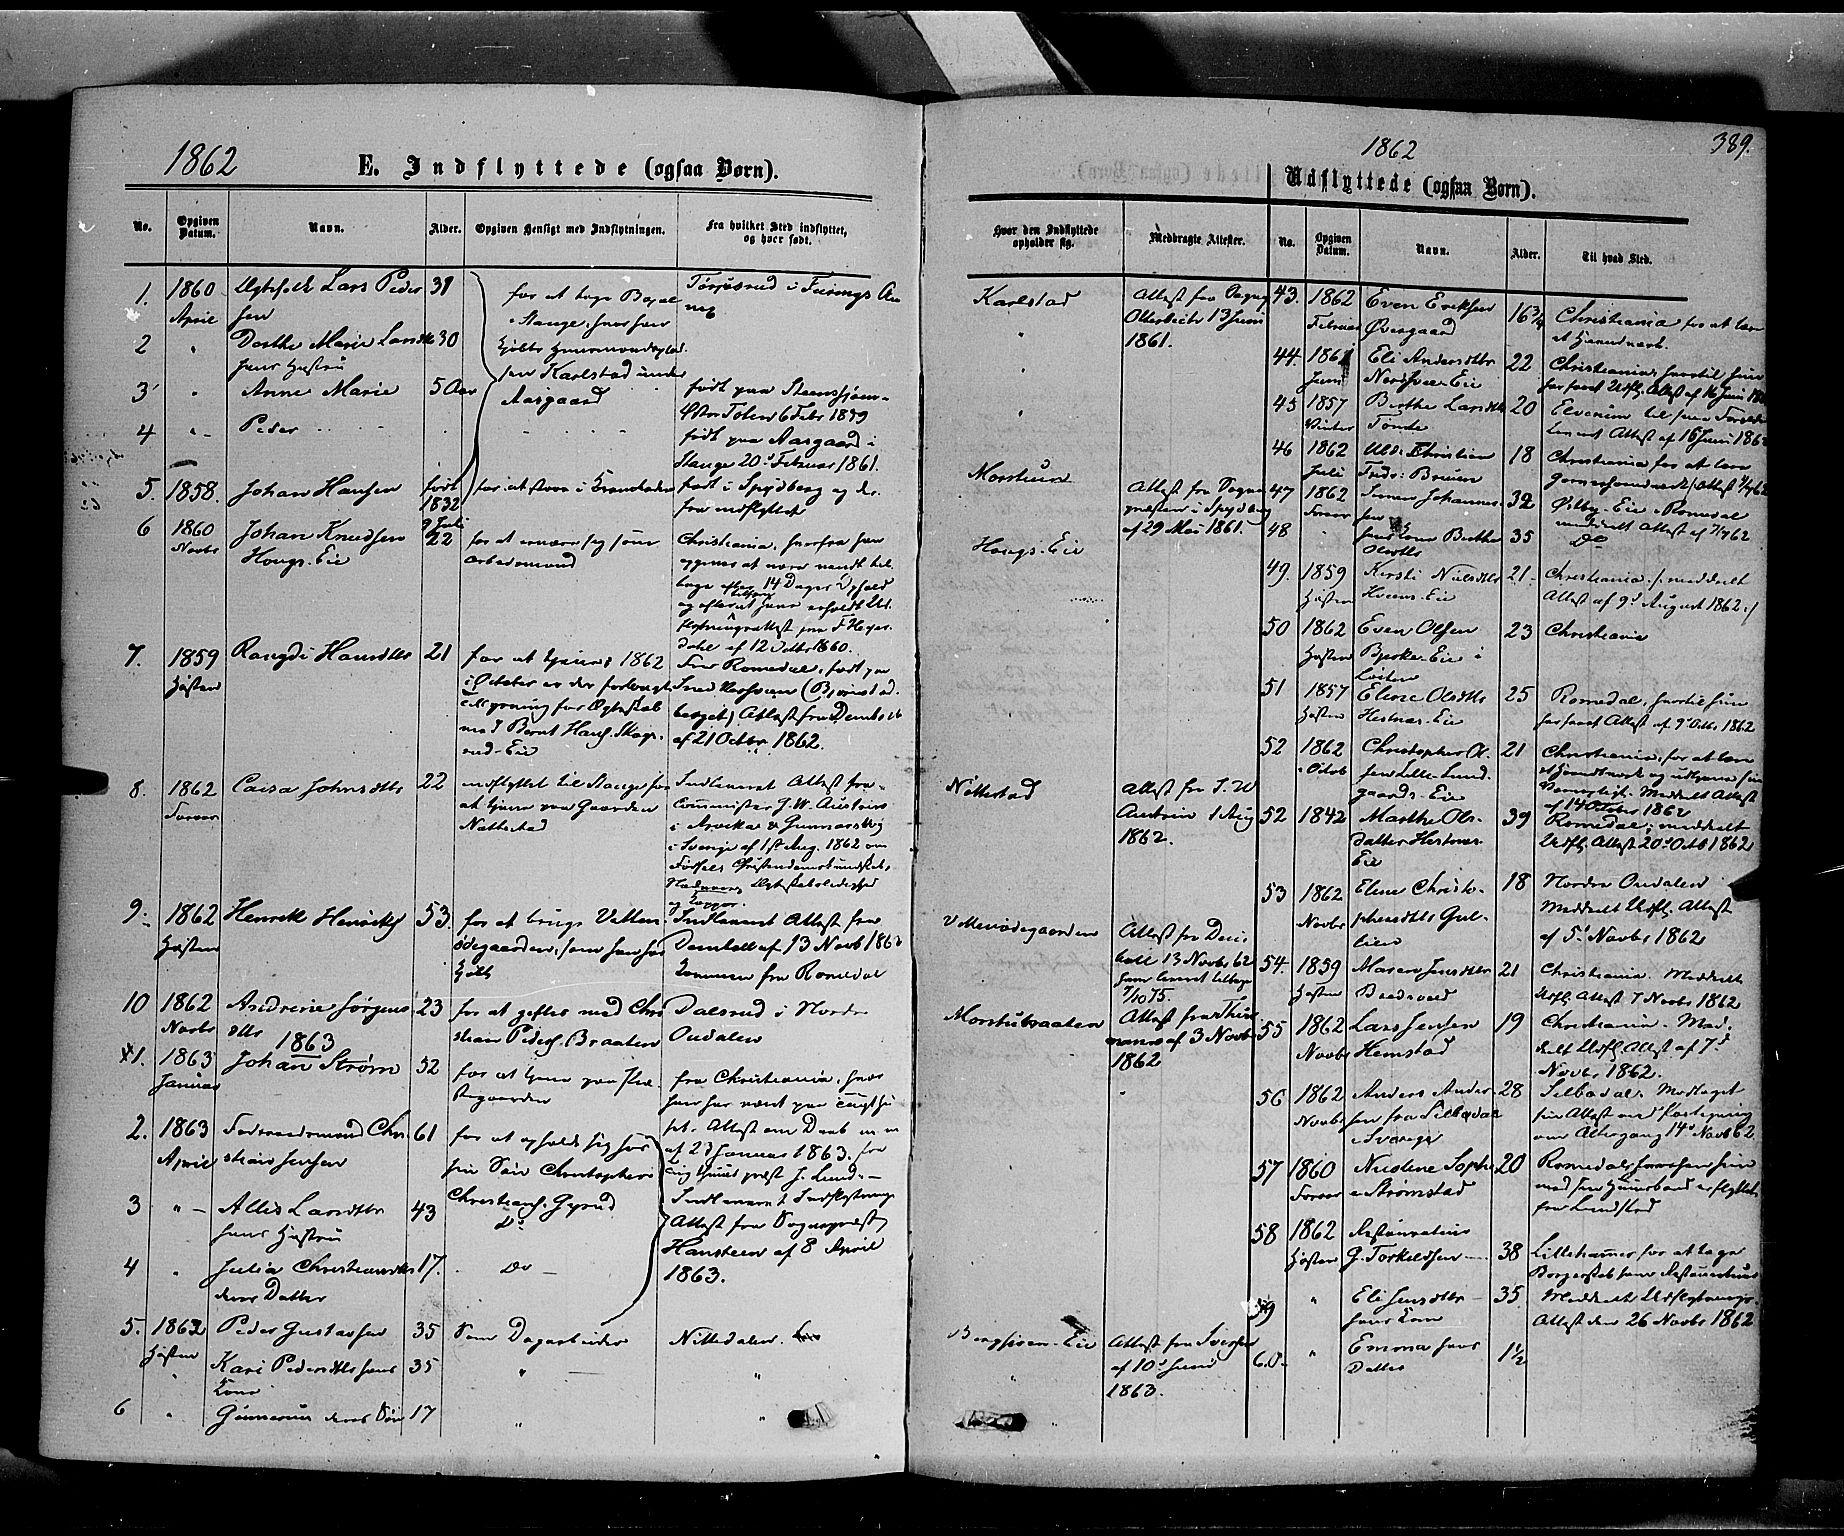 SAH, Stange prestekontor, K/L0013: Parish register (official) no. 13, 1862-1879, p. 389